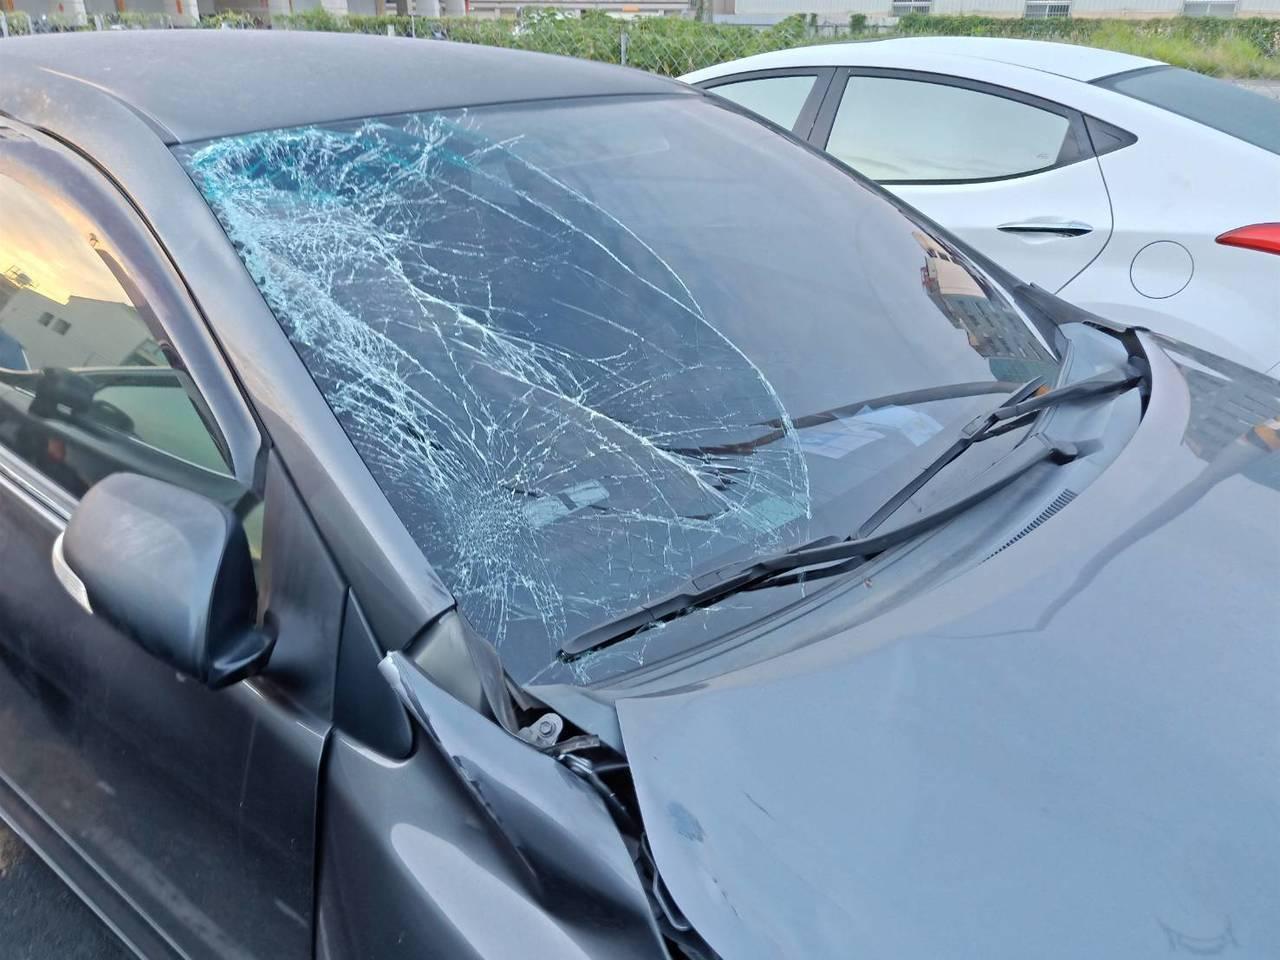 肇事車的擋風玻璃及車頭都有明顯撞擊痕跡。記者林伯驊/翻攝